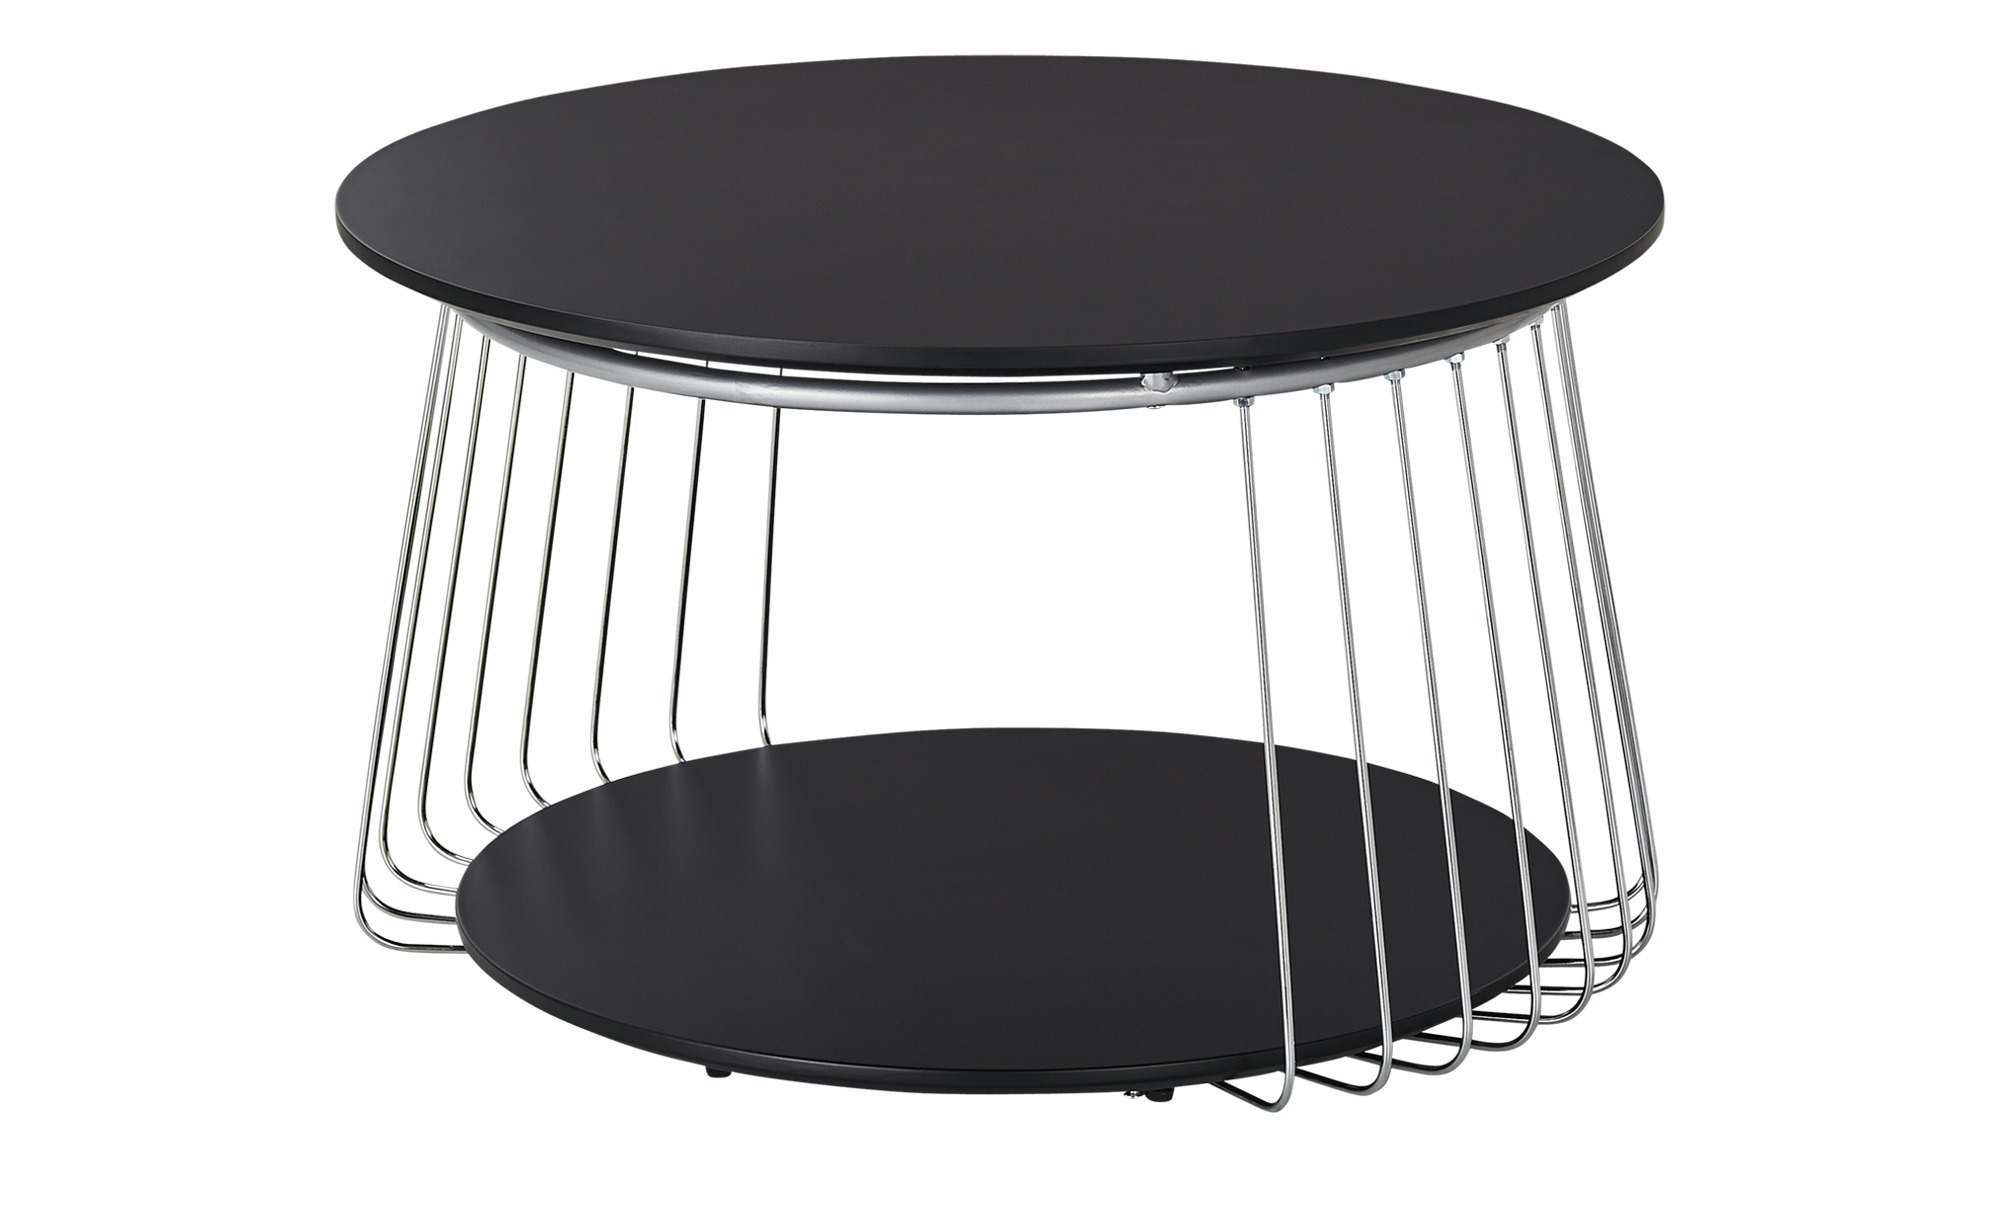 Couchtisch  Litwa ¦ Maße (cm): H: 42 Ø: [70.0] Tische > Couchtische > Couchtische rund - Höffner